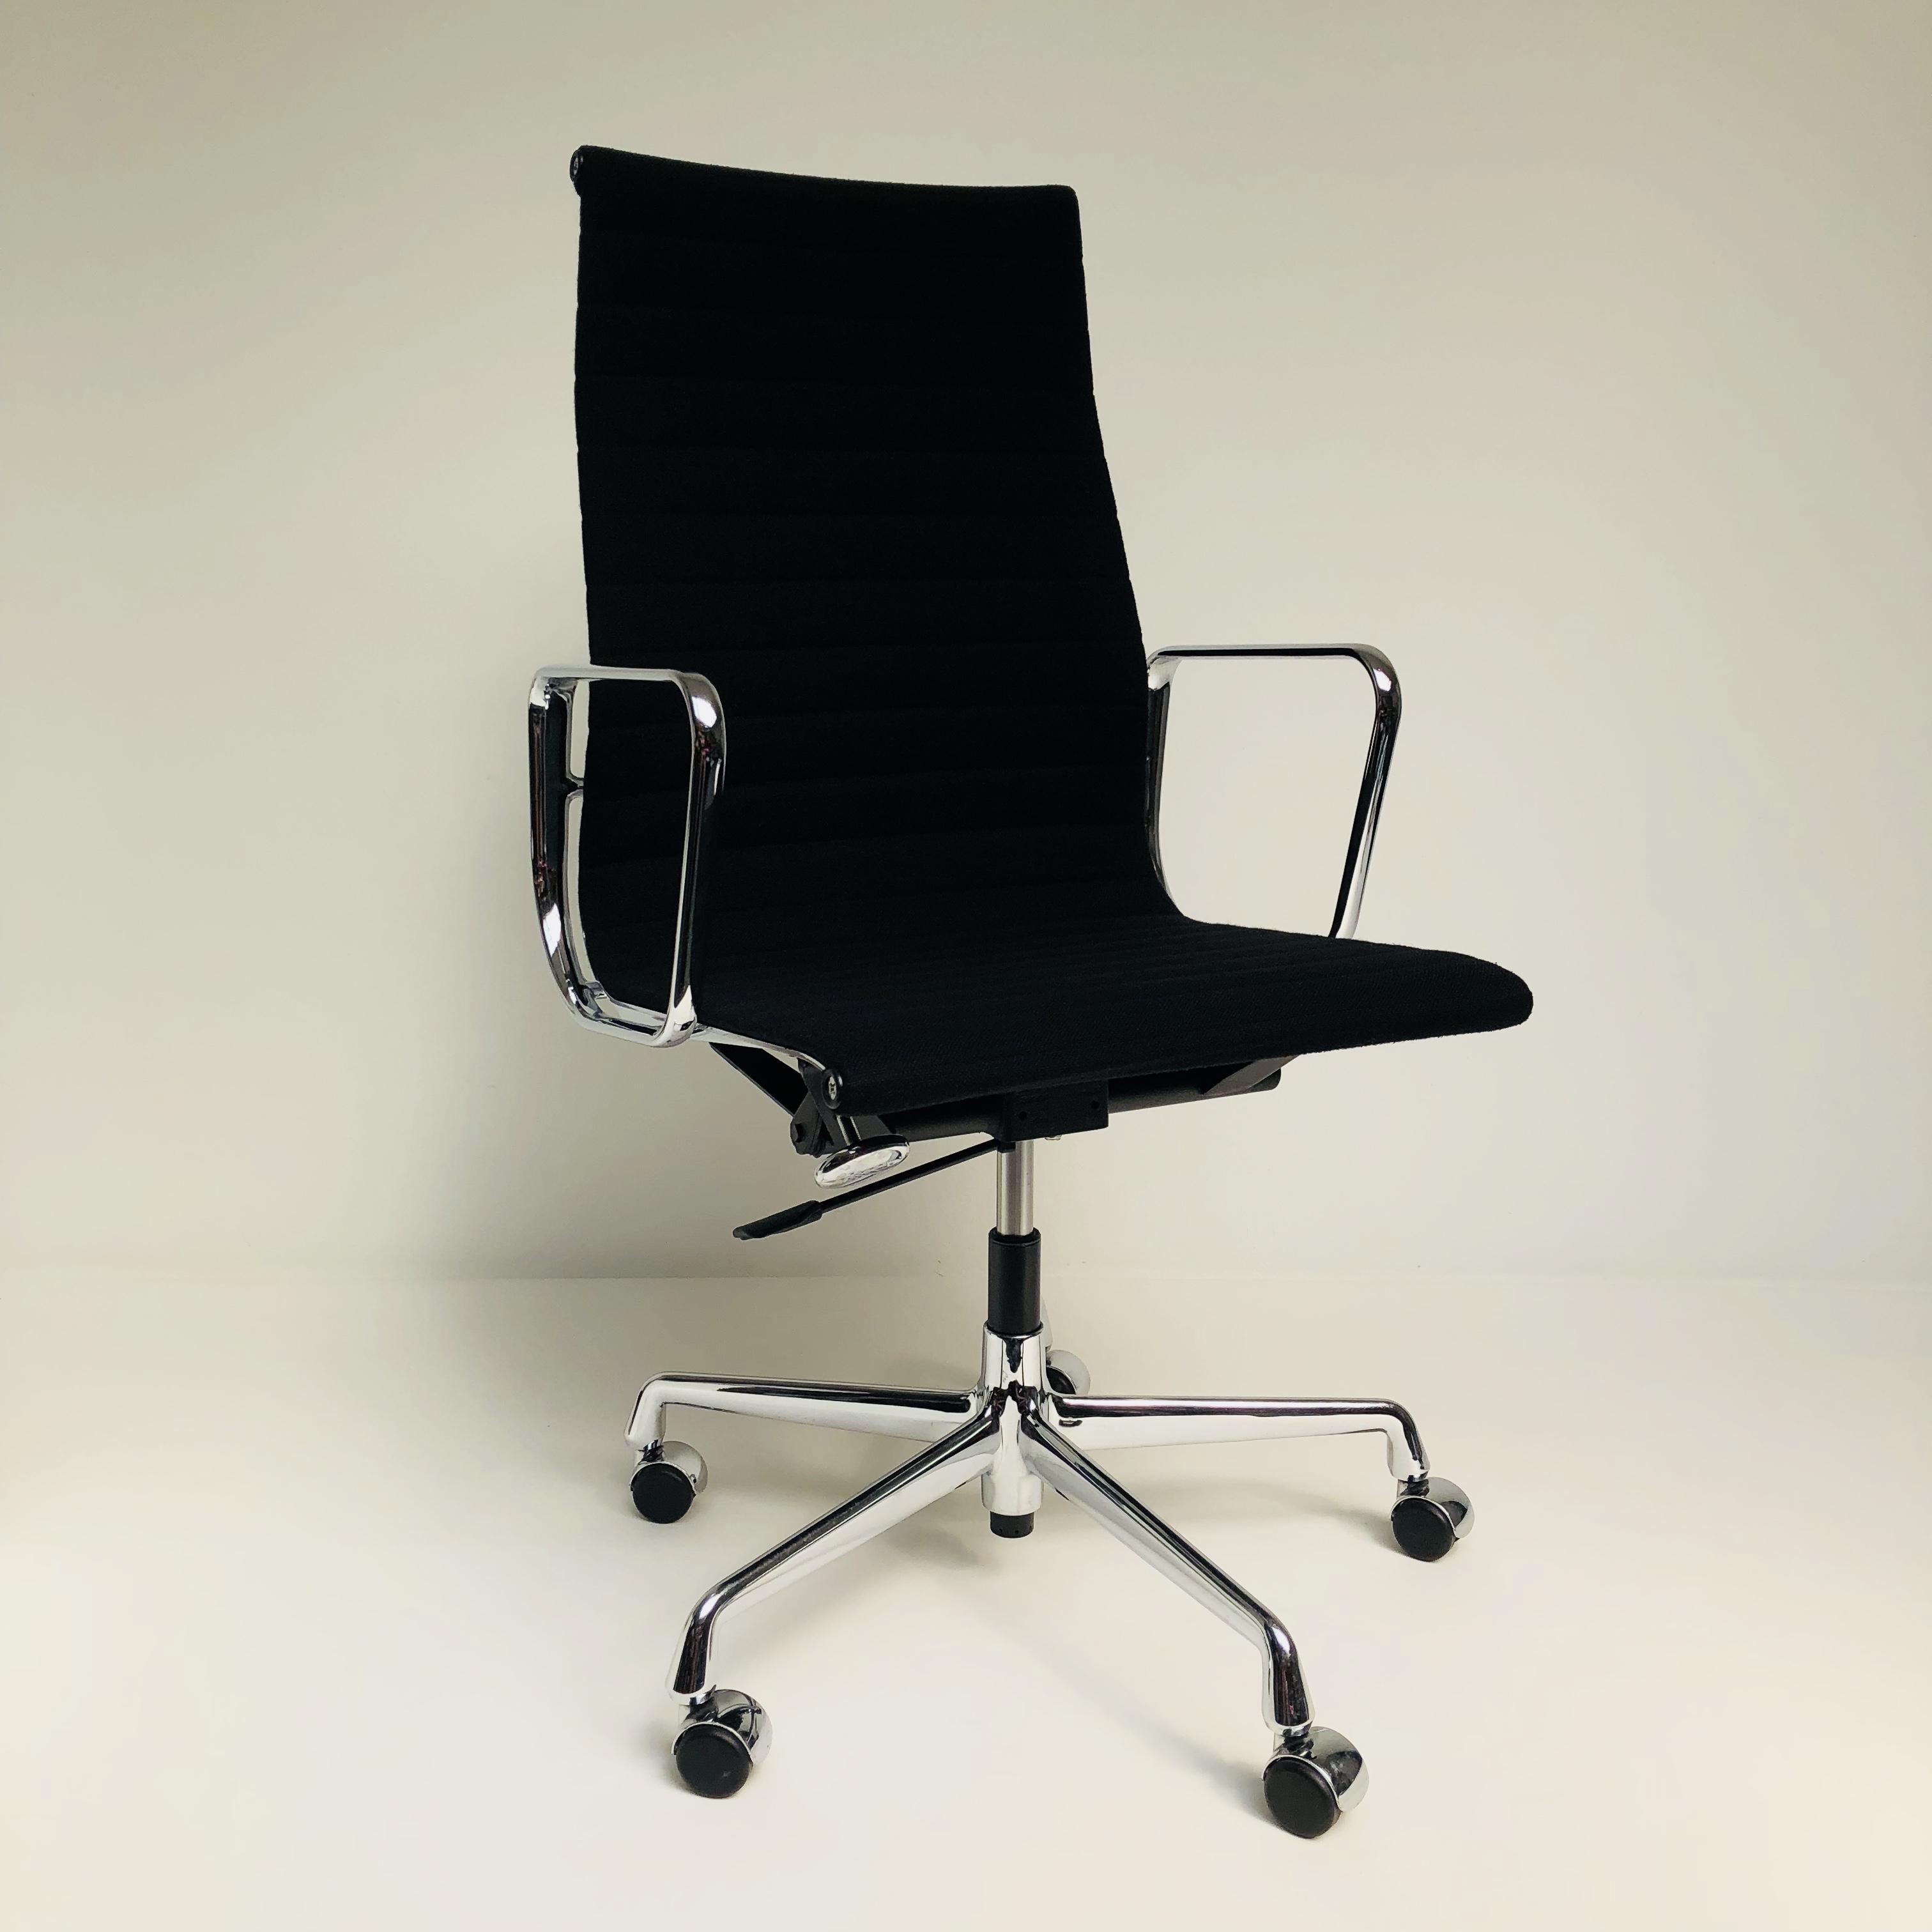 ea 119 bureaustoel vitra hello design classics. Black Bedroom Furniture Sets. Home Design Ideas